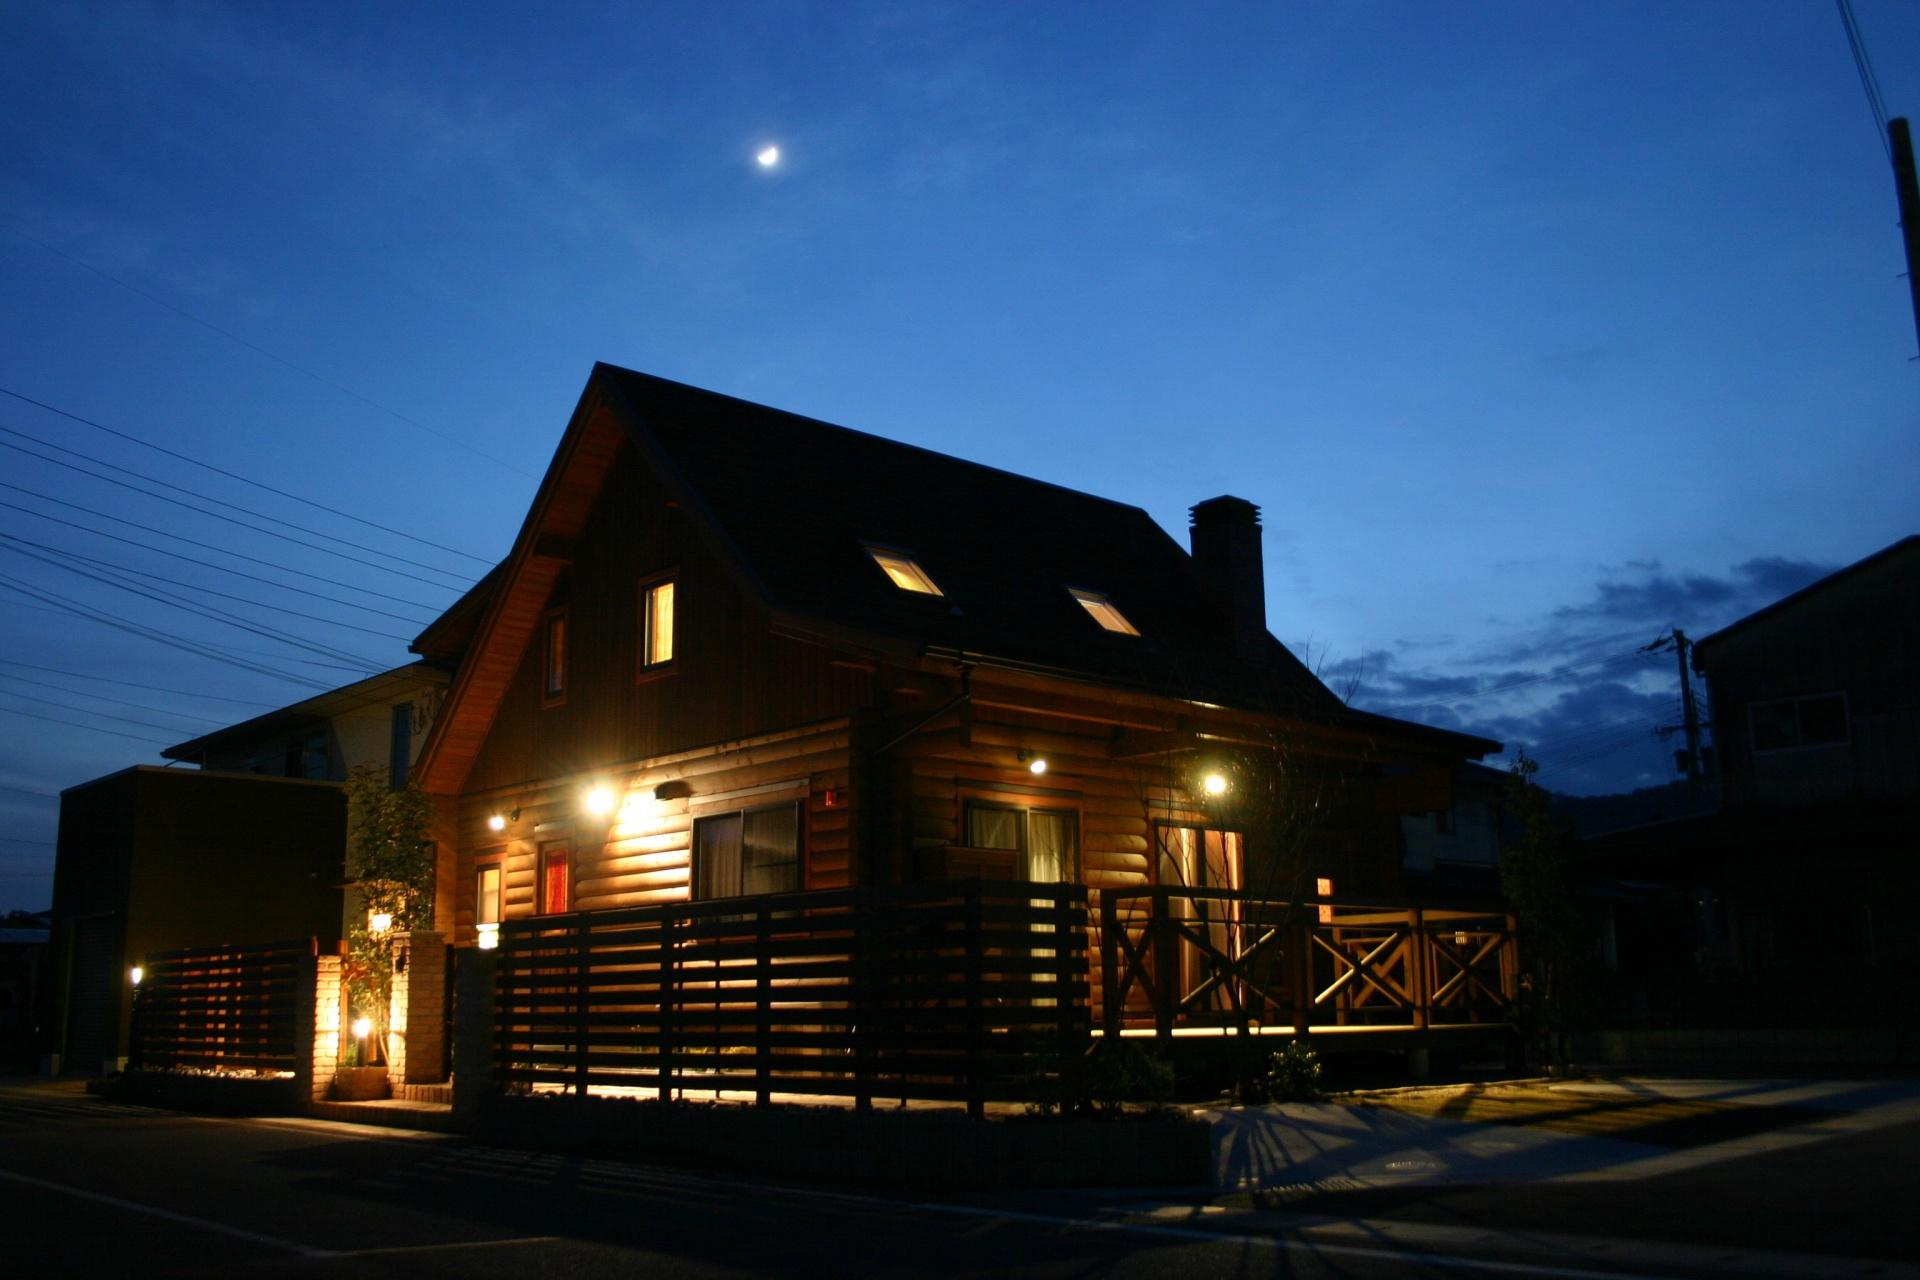 ログハウスのお庭 たつの市P様邸夜写真